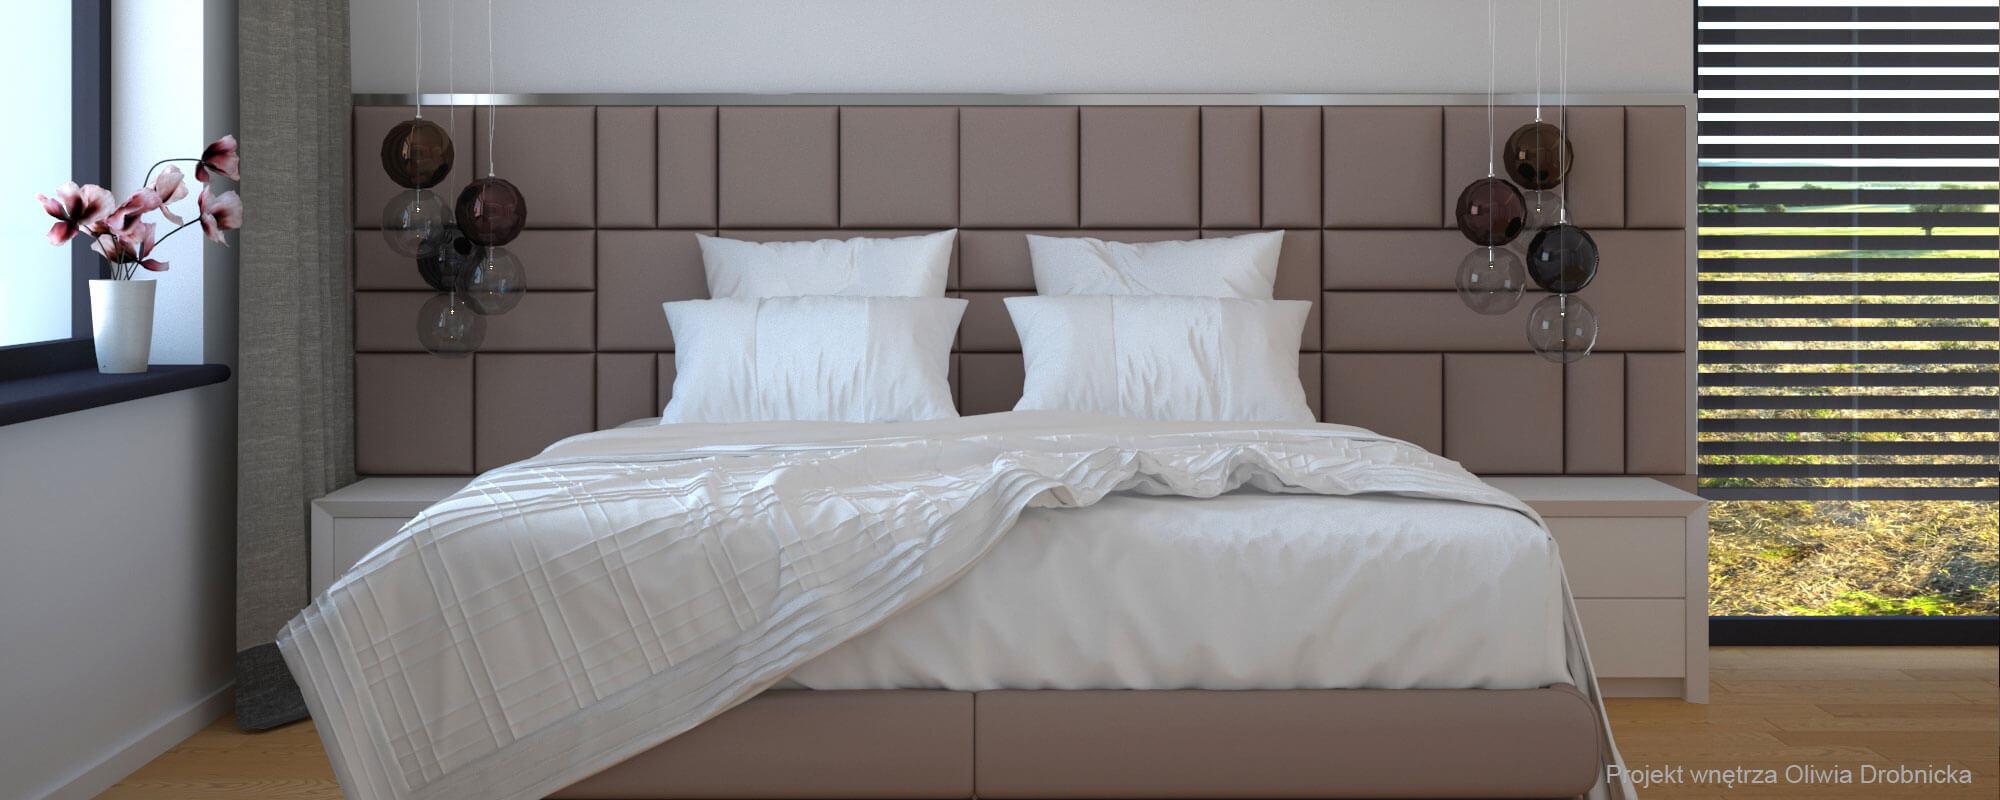 Projektowanie wnętrz elegancka sypialnia